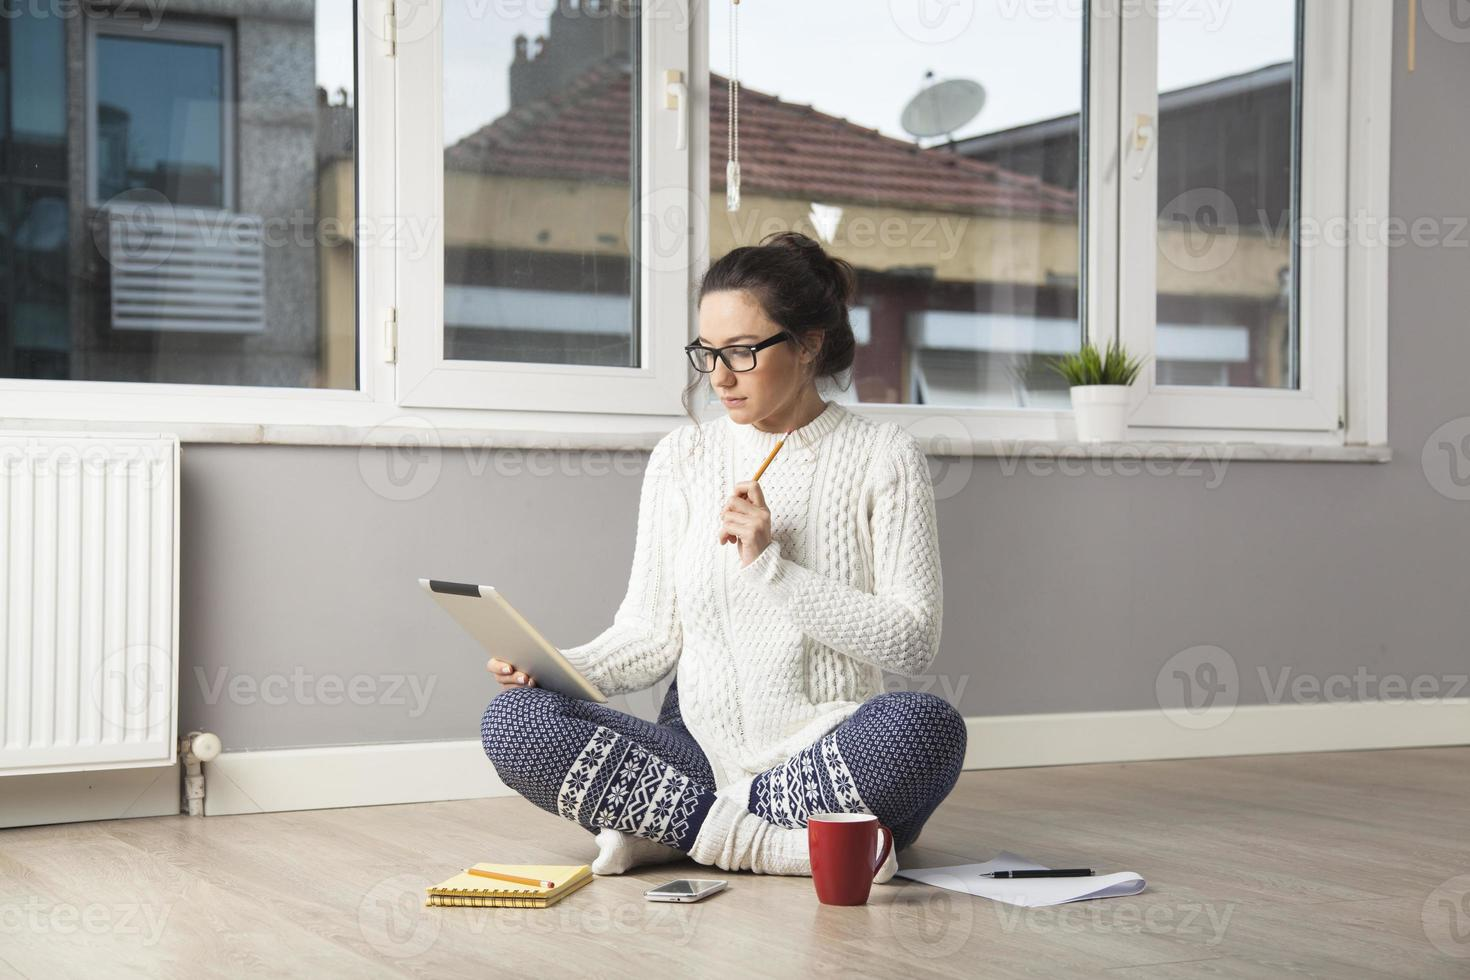 jonge vrouw met touchscreen tabletcomputer foto